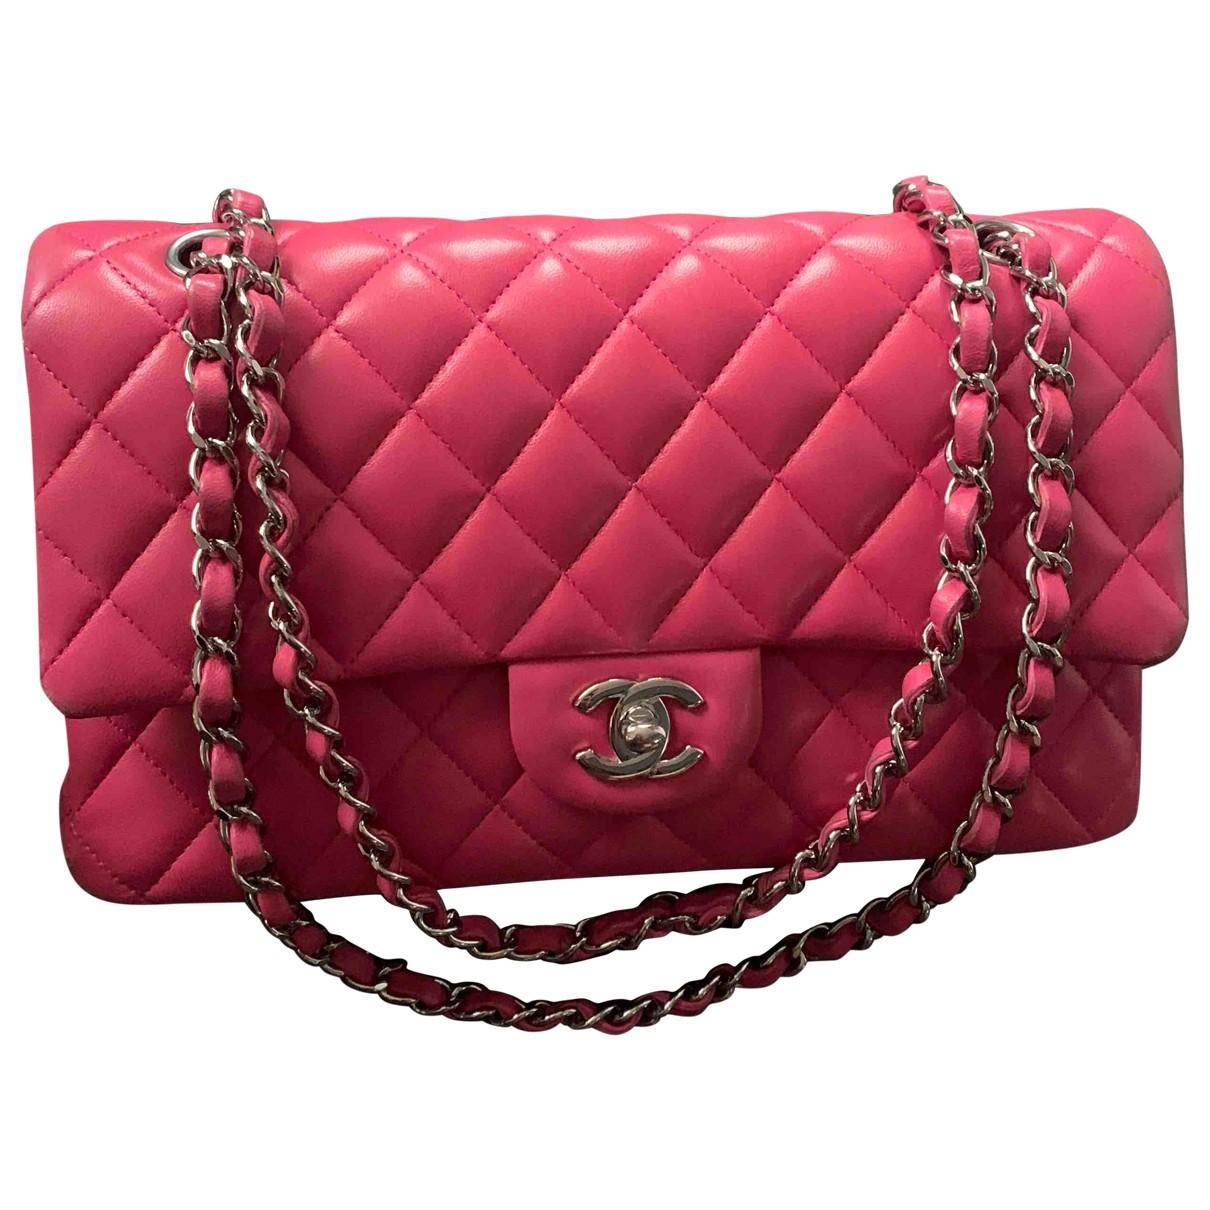 Chanel - Sac a main Timeless/Classique pour femme en cuir - rose